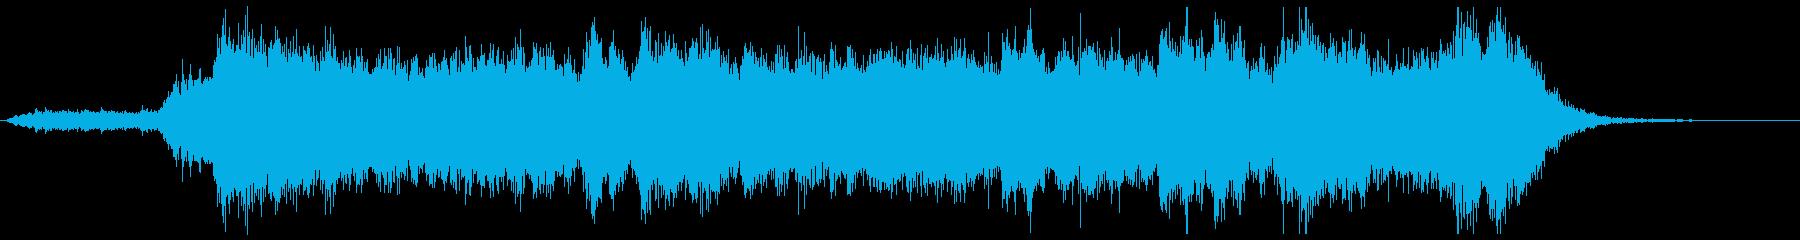 登場!期待高まるファンファーレ20秒の再生済みの波形